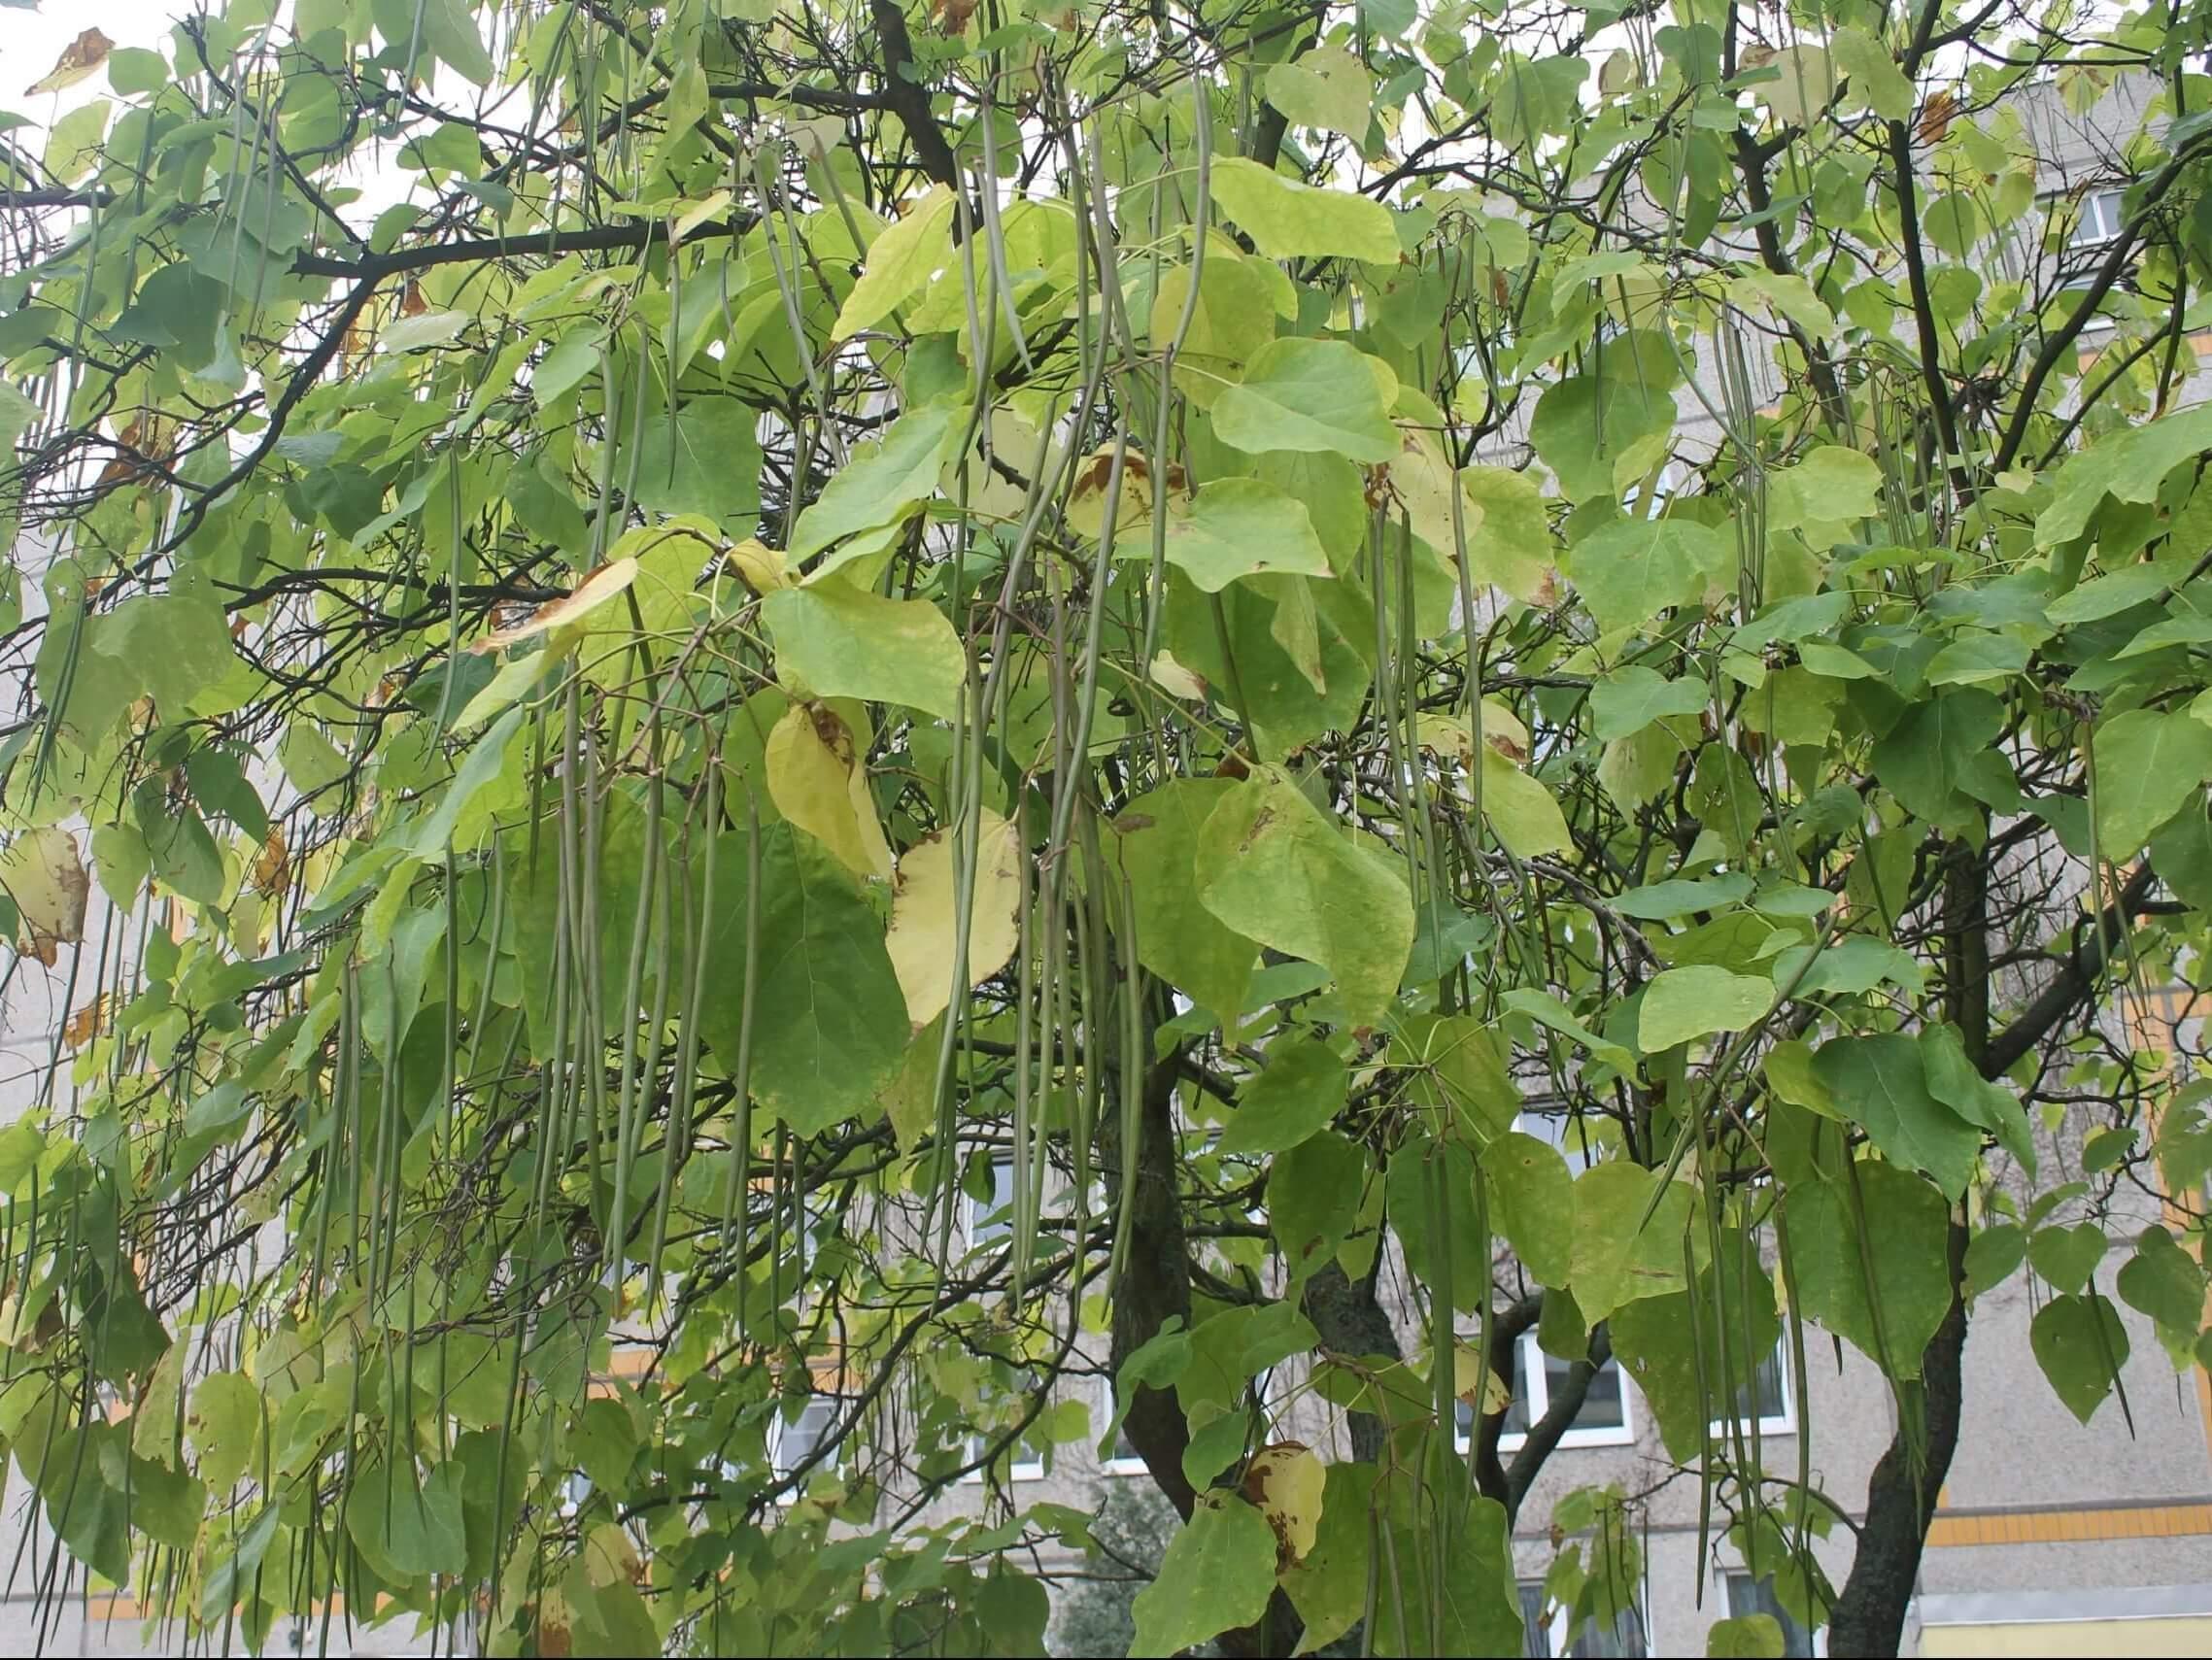 Das Bild zeigt die langen Fruchtkapseln des Trompetenbaumes, die Anfang September noch im grünen Zustand sind. Das Laub färbt sich bereits früh gelb. Hier ein Baum am Familienzentrum im Kosmosviertel.